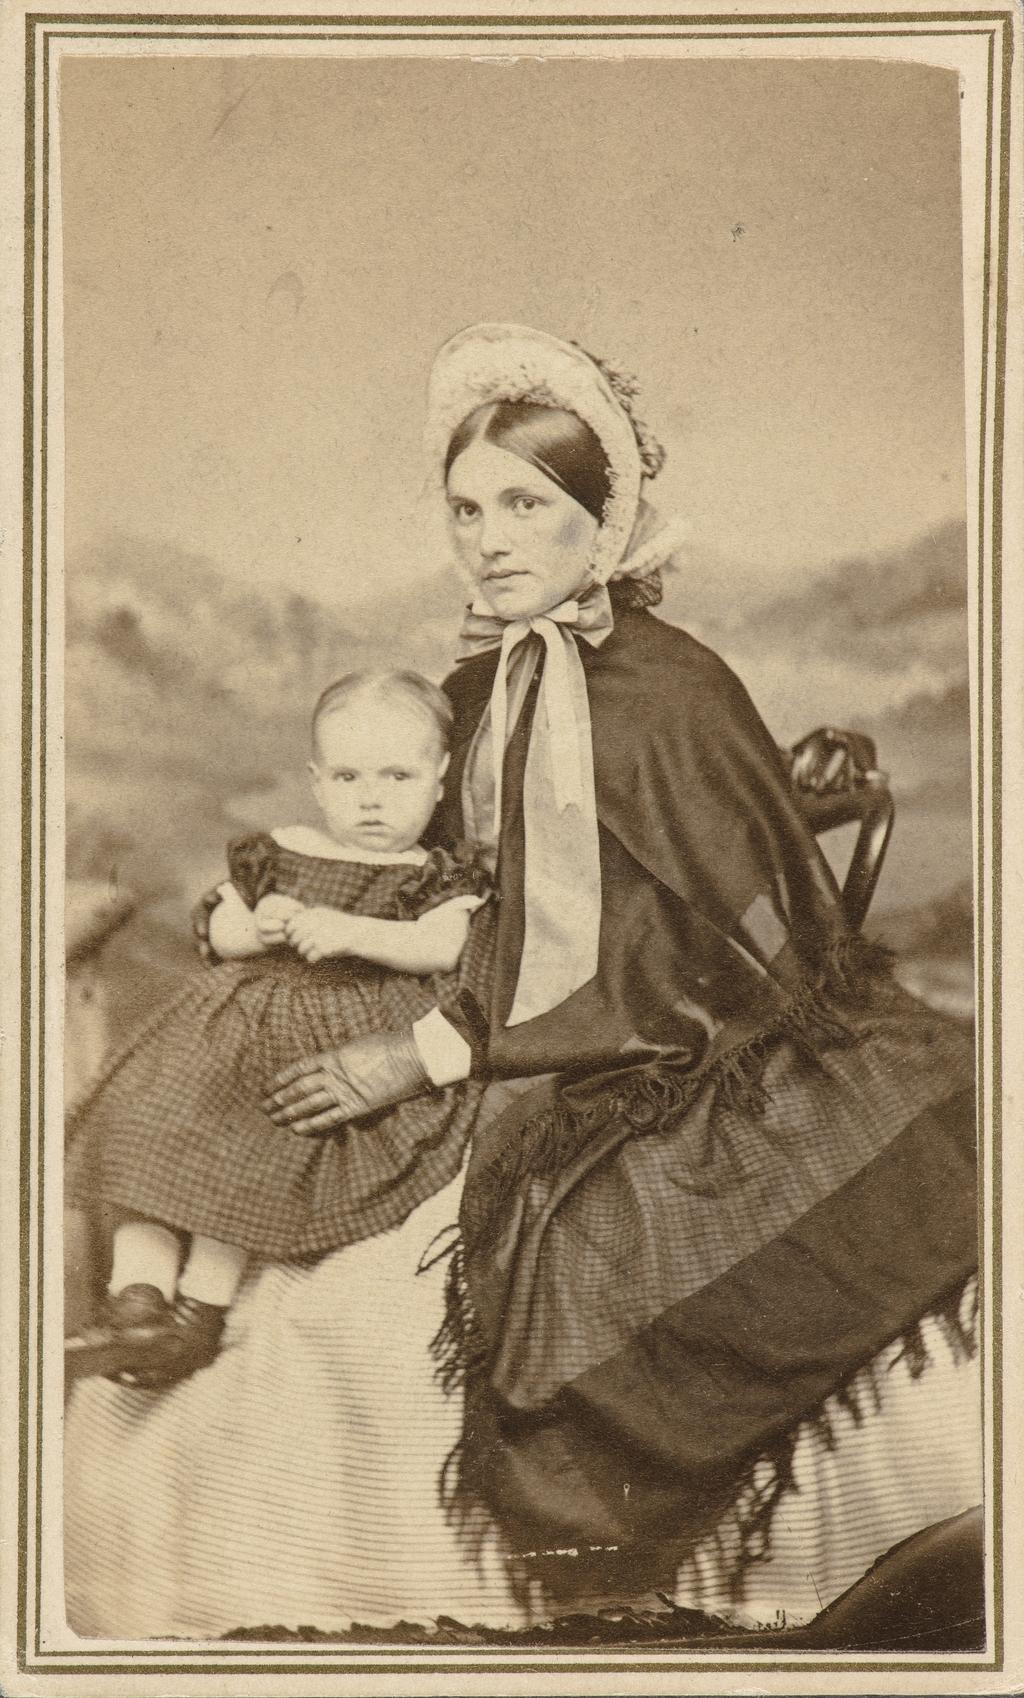 Portrait de femme et son enfant, de l'album de collection dit de Napoléon Garneau